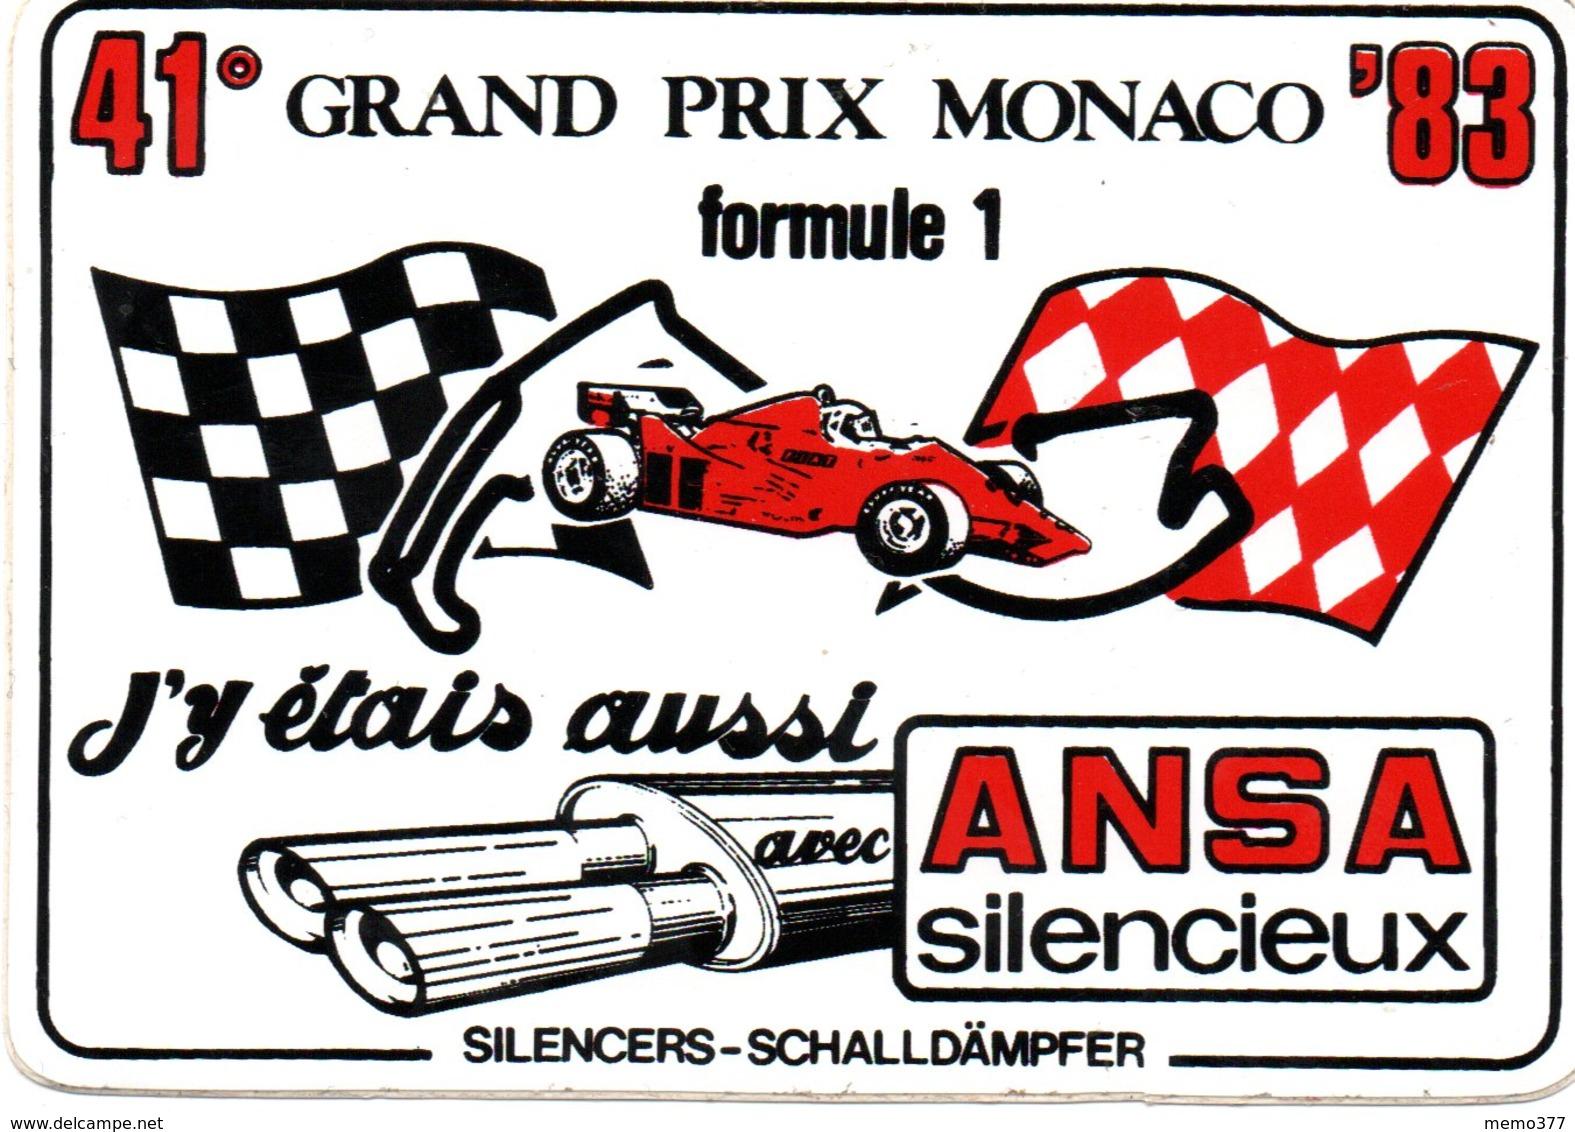 """MONACO -- AUTOCOLLANT STICKER Plastique -- 41 ° Grand Prix MONACO 83 -- Formule 1 """" ANSA Silencieux """" - Voitures (Courses)"""